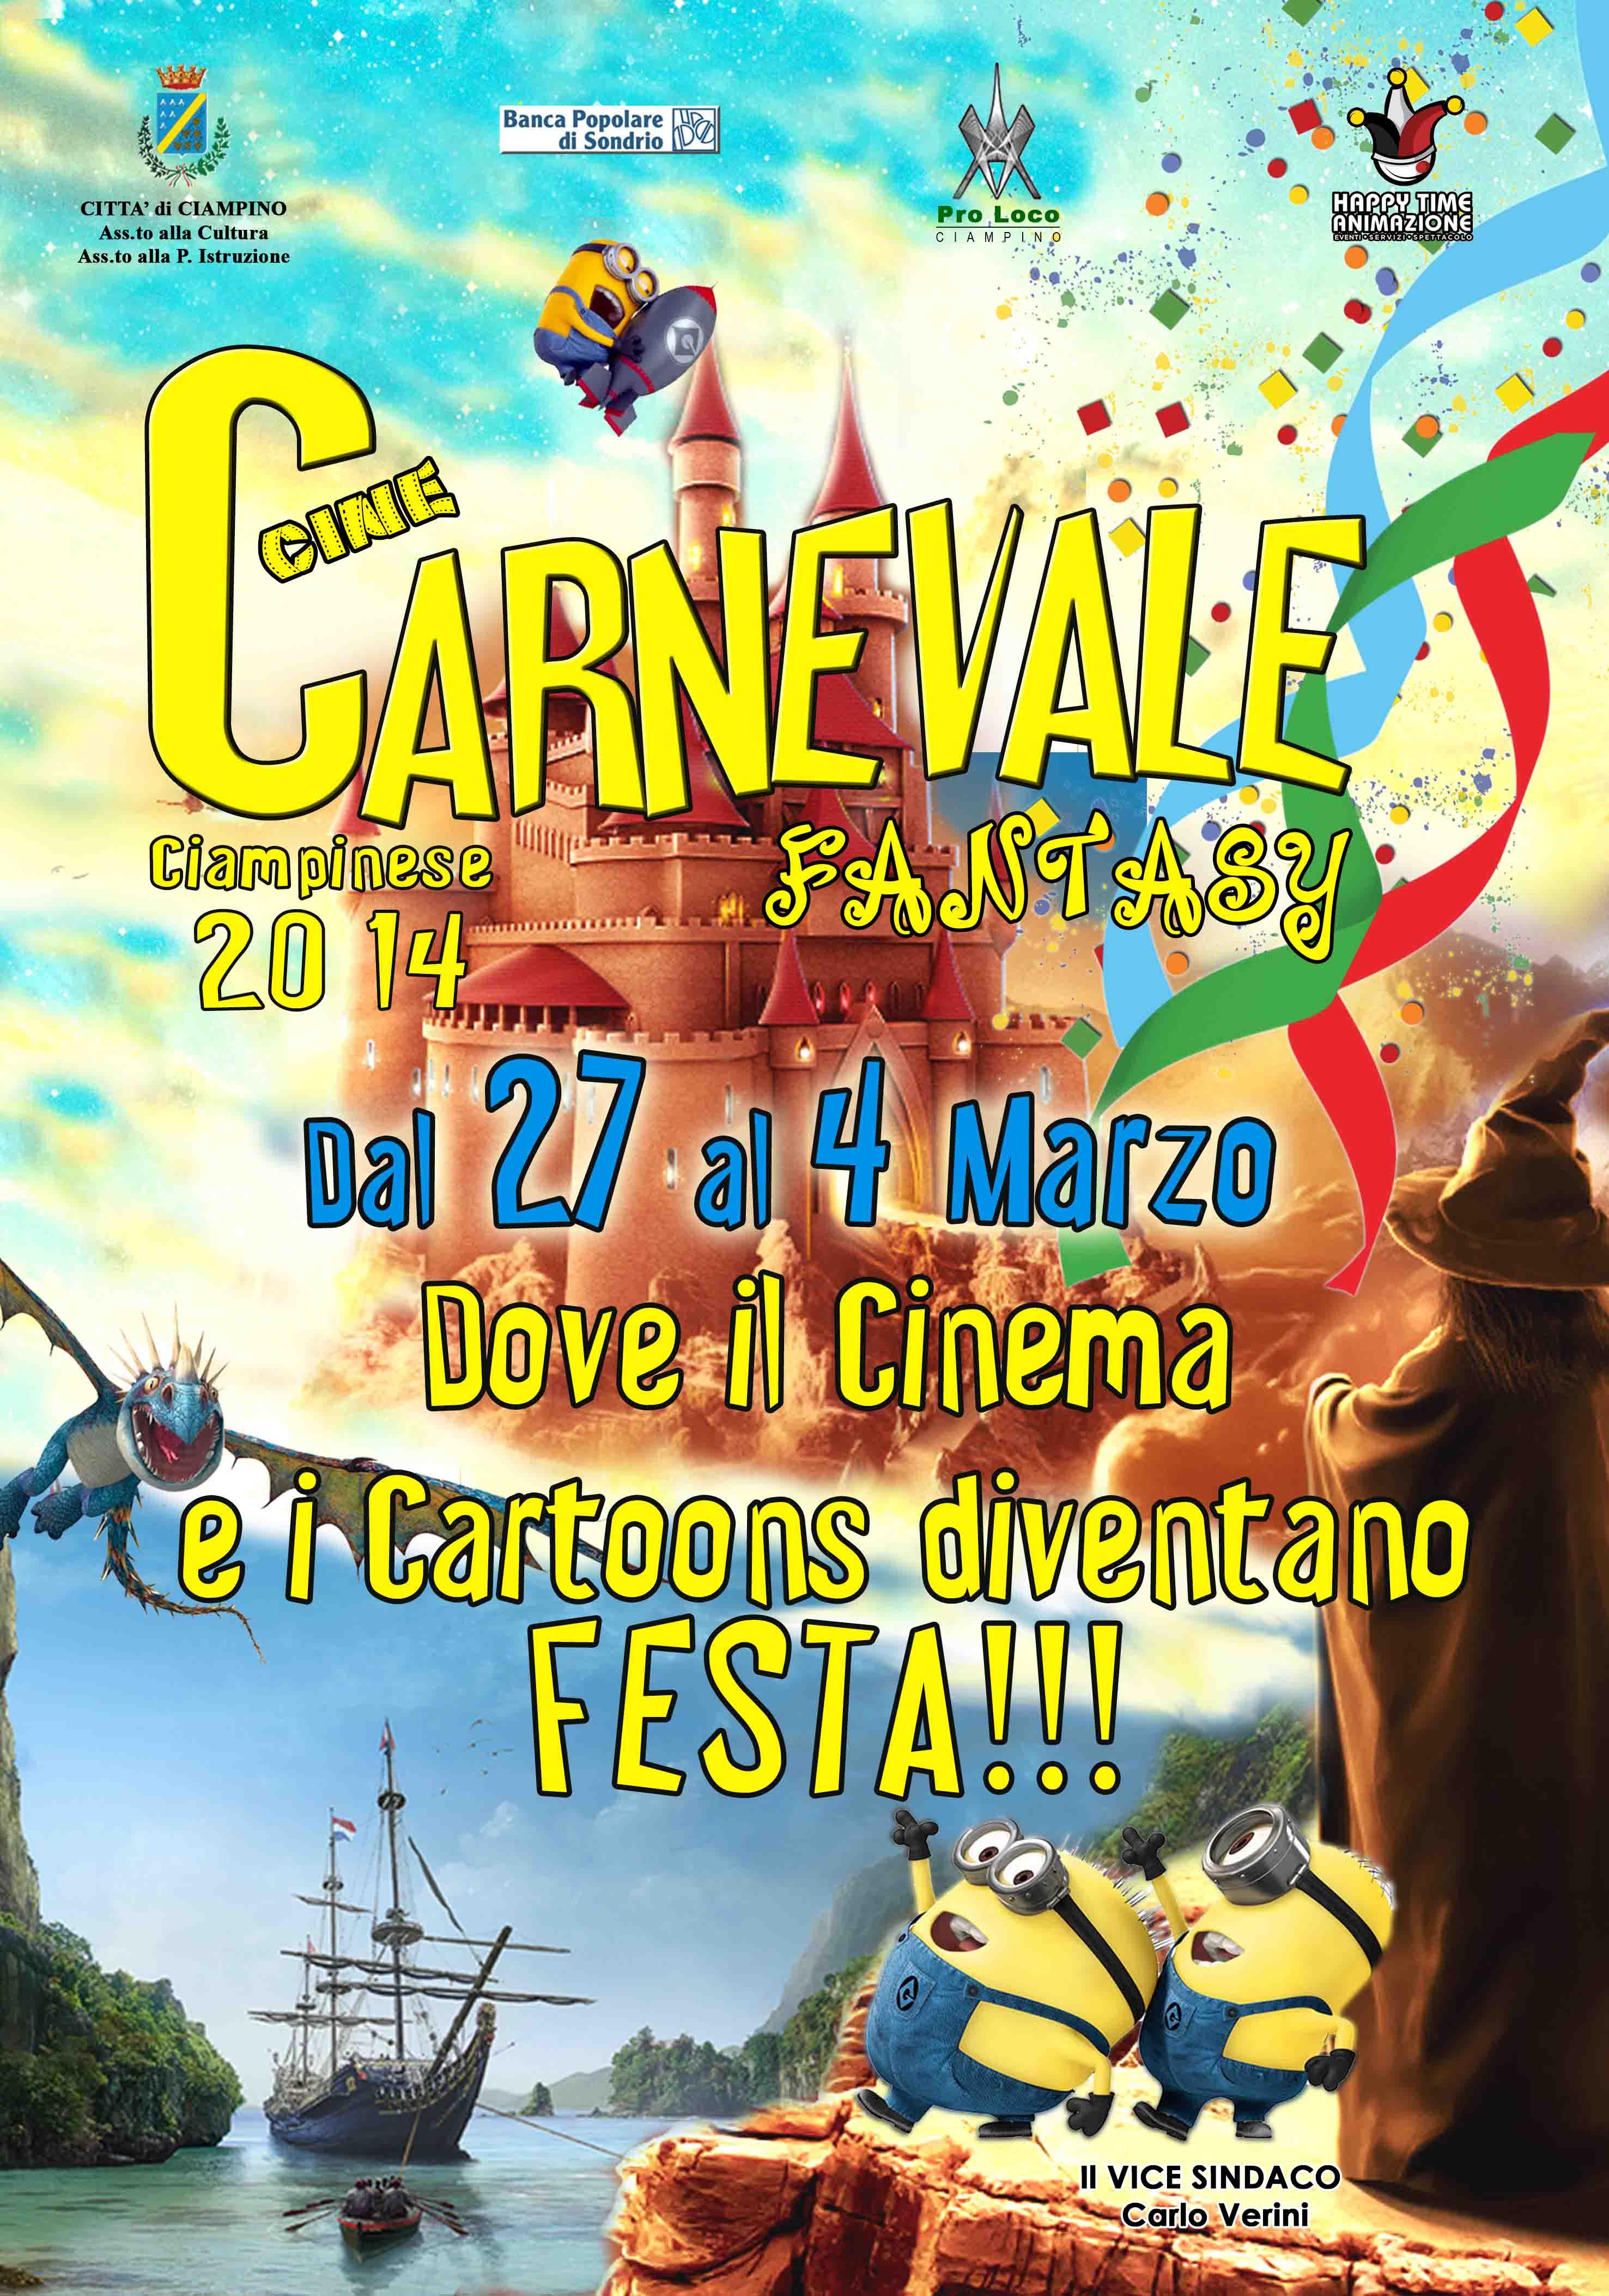 carnevale_2014_ciampino